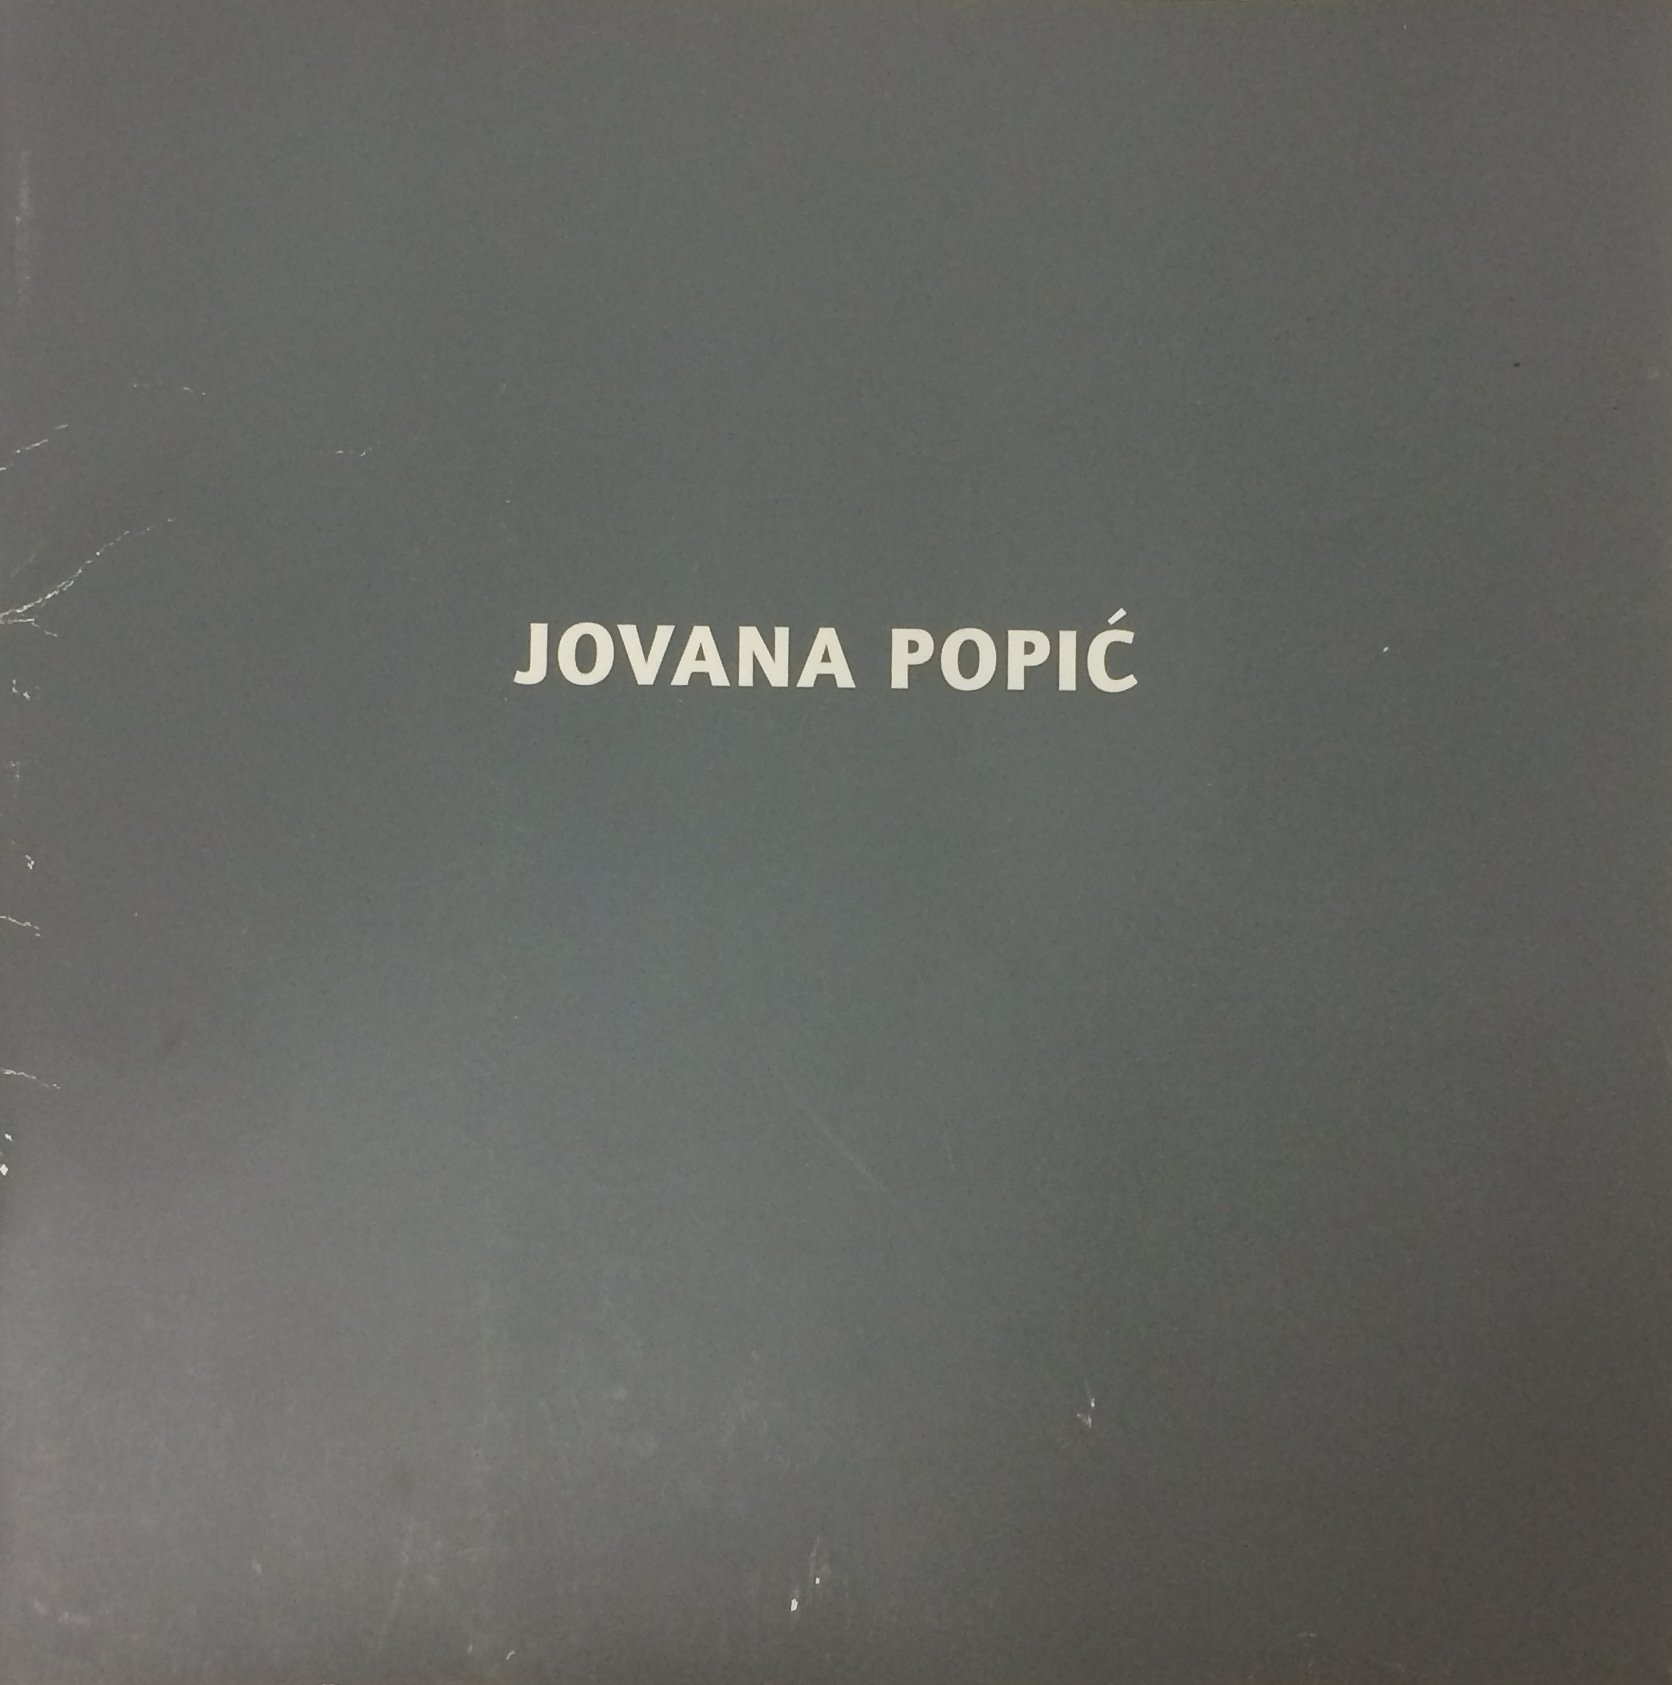 JOVANA POPIC, 2010